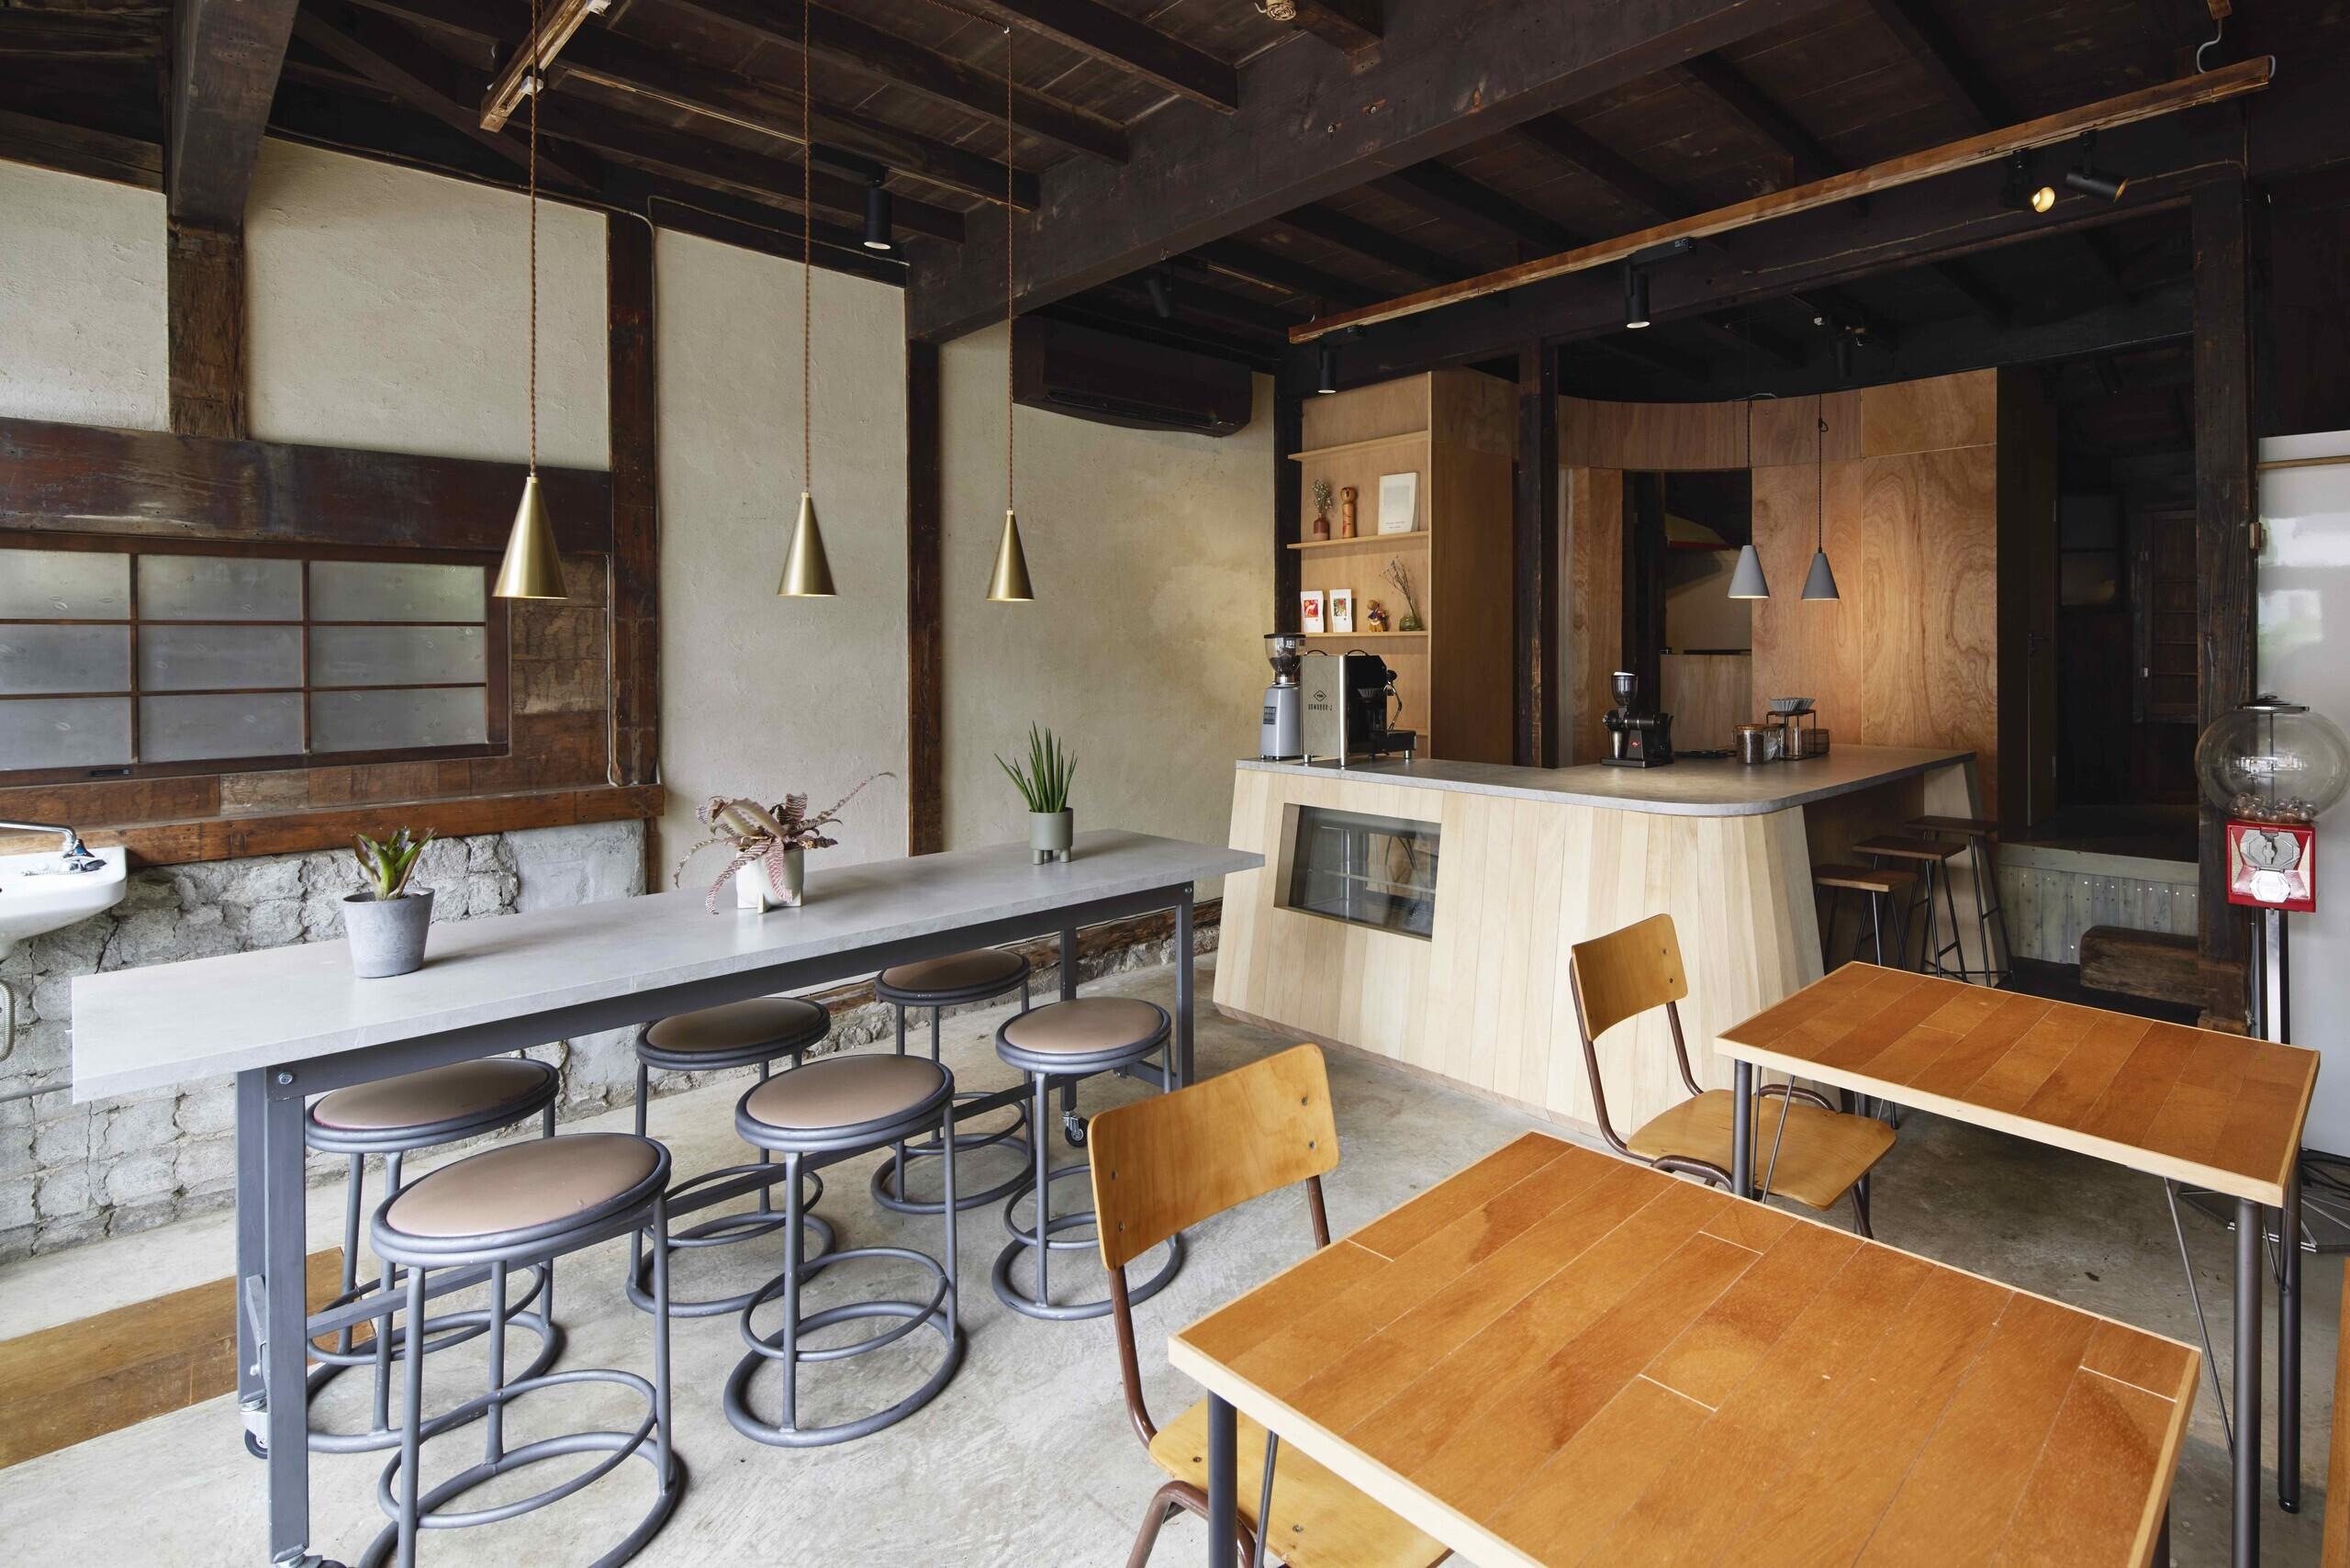 築100年の長屋を改修した飲食店の建築事例写真